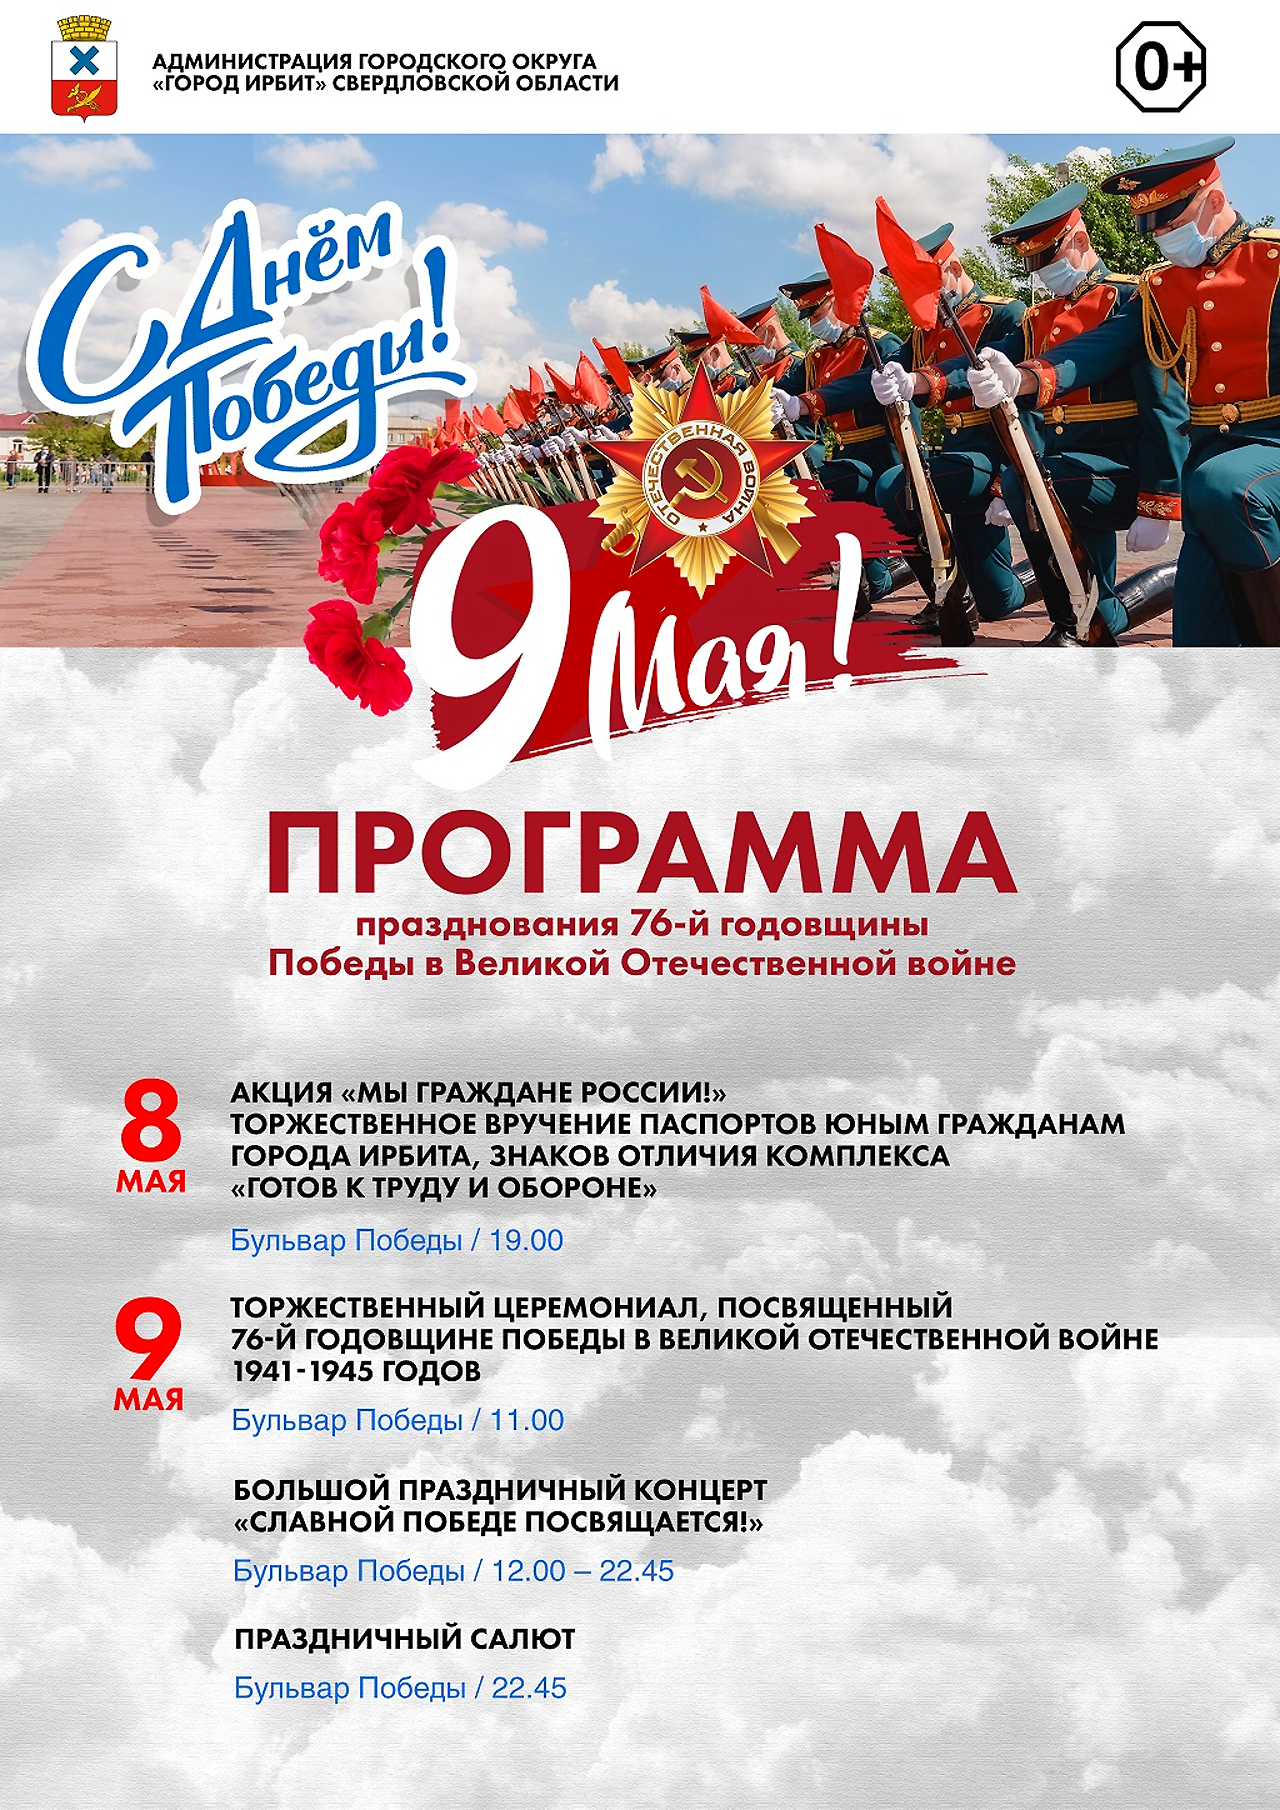 76-я годовщина Победы-афиша